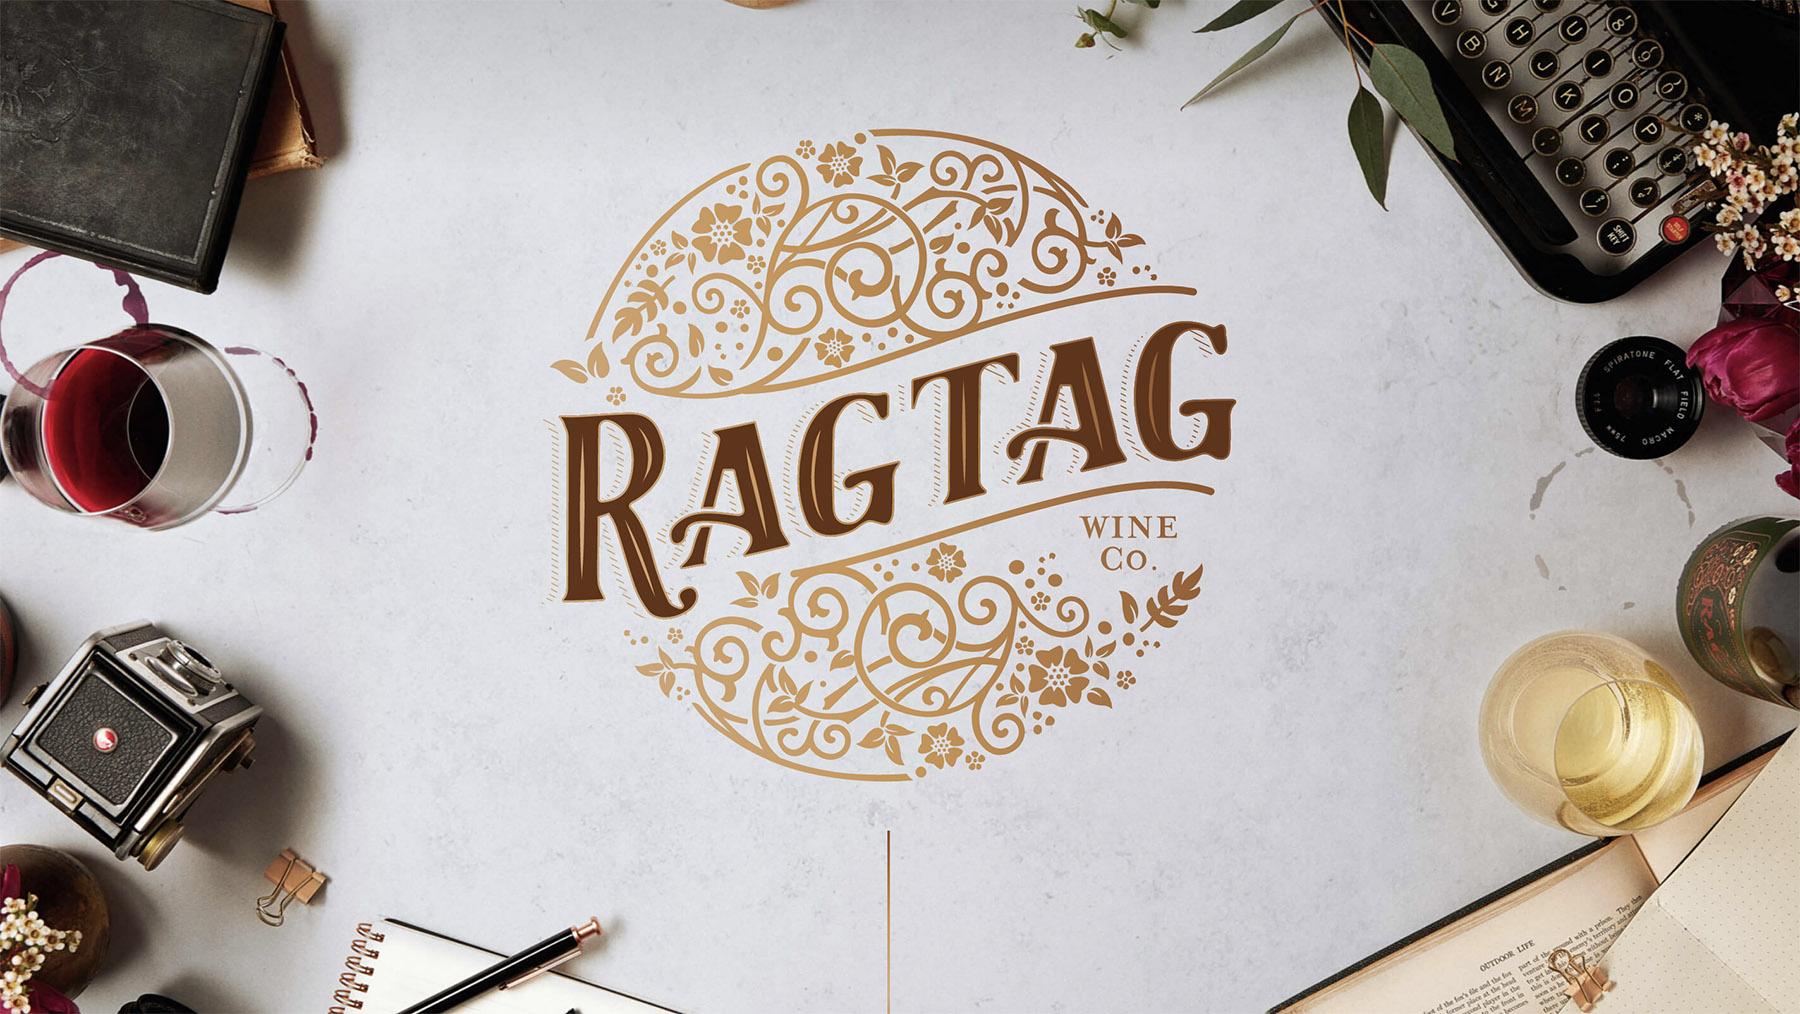 Ragtag wine company in San Luis Obispo